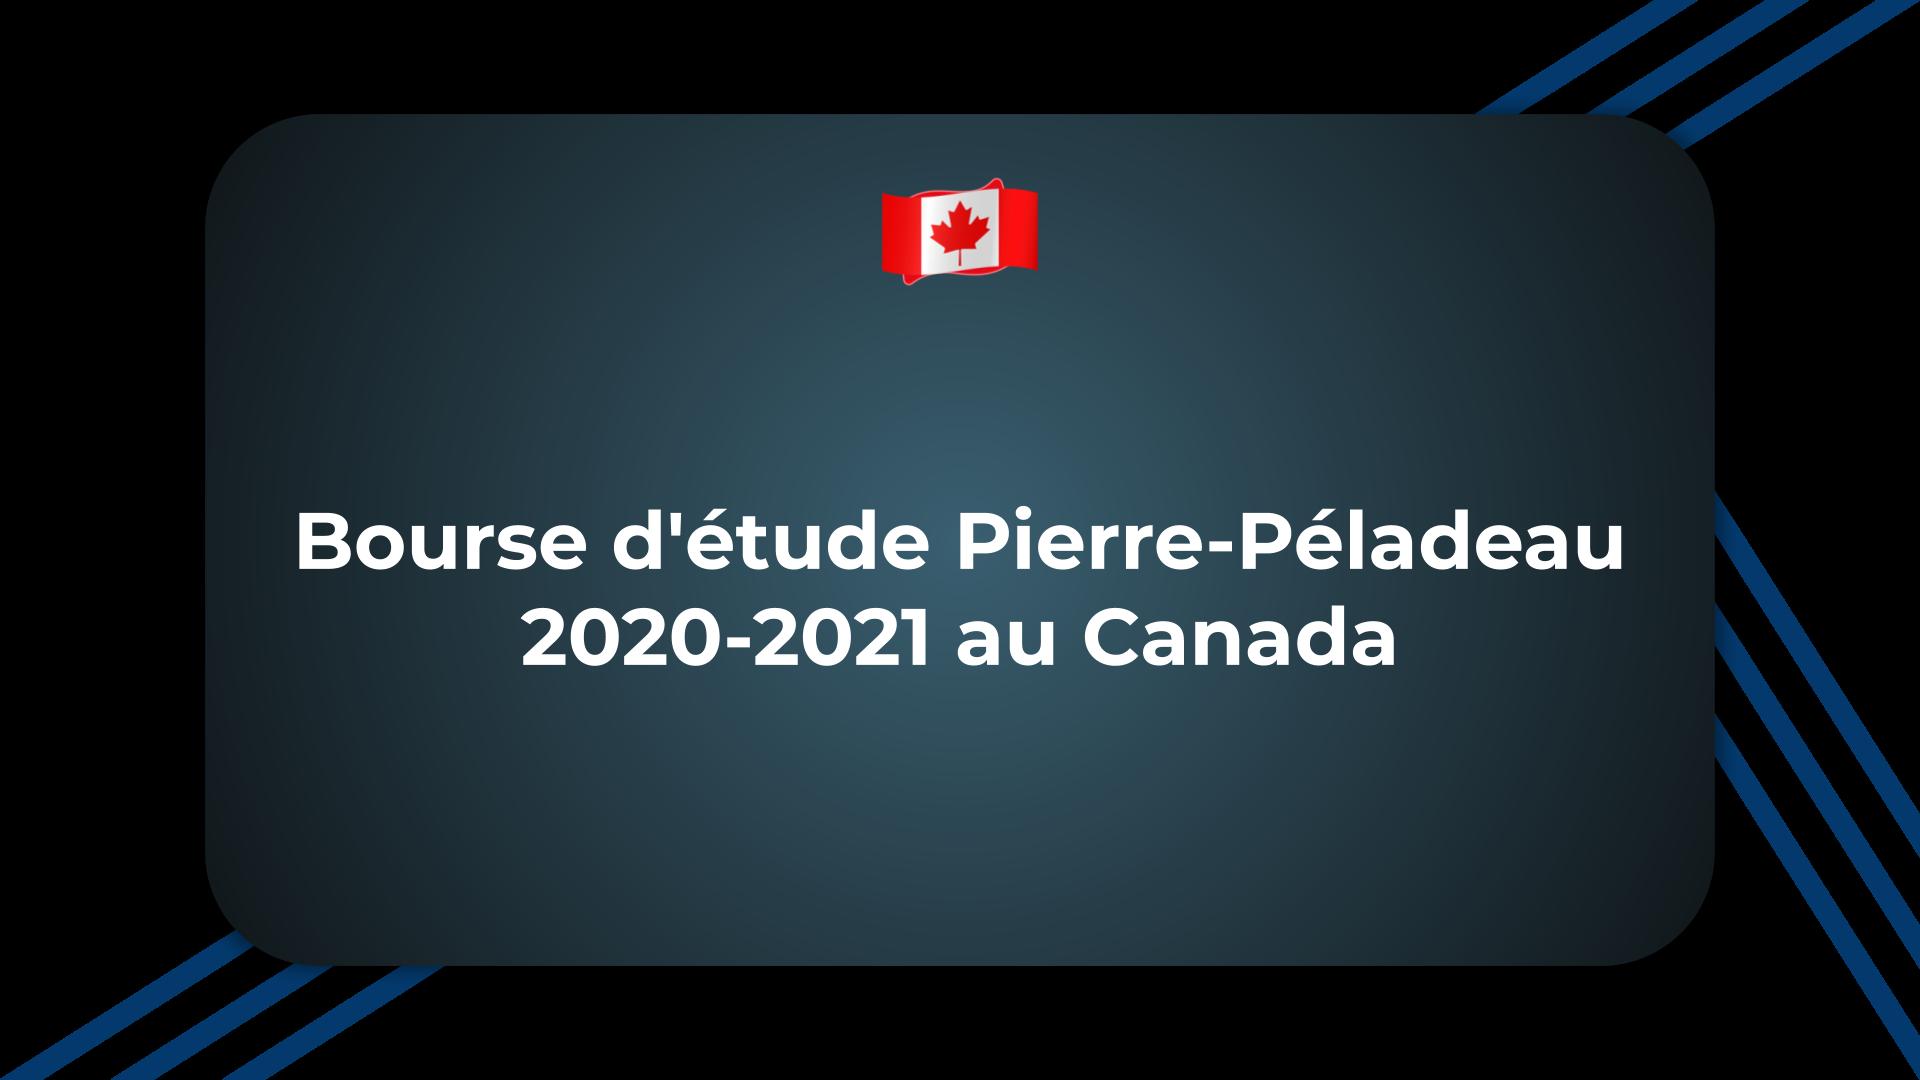 Bourse d'étude Pierre-Péladeau